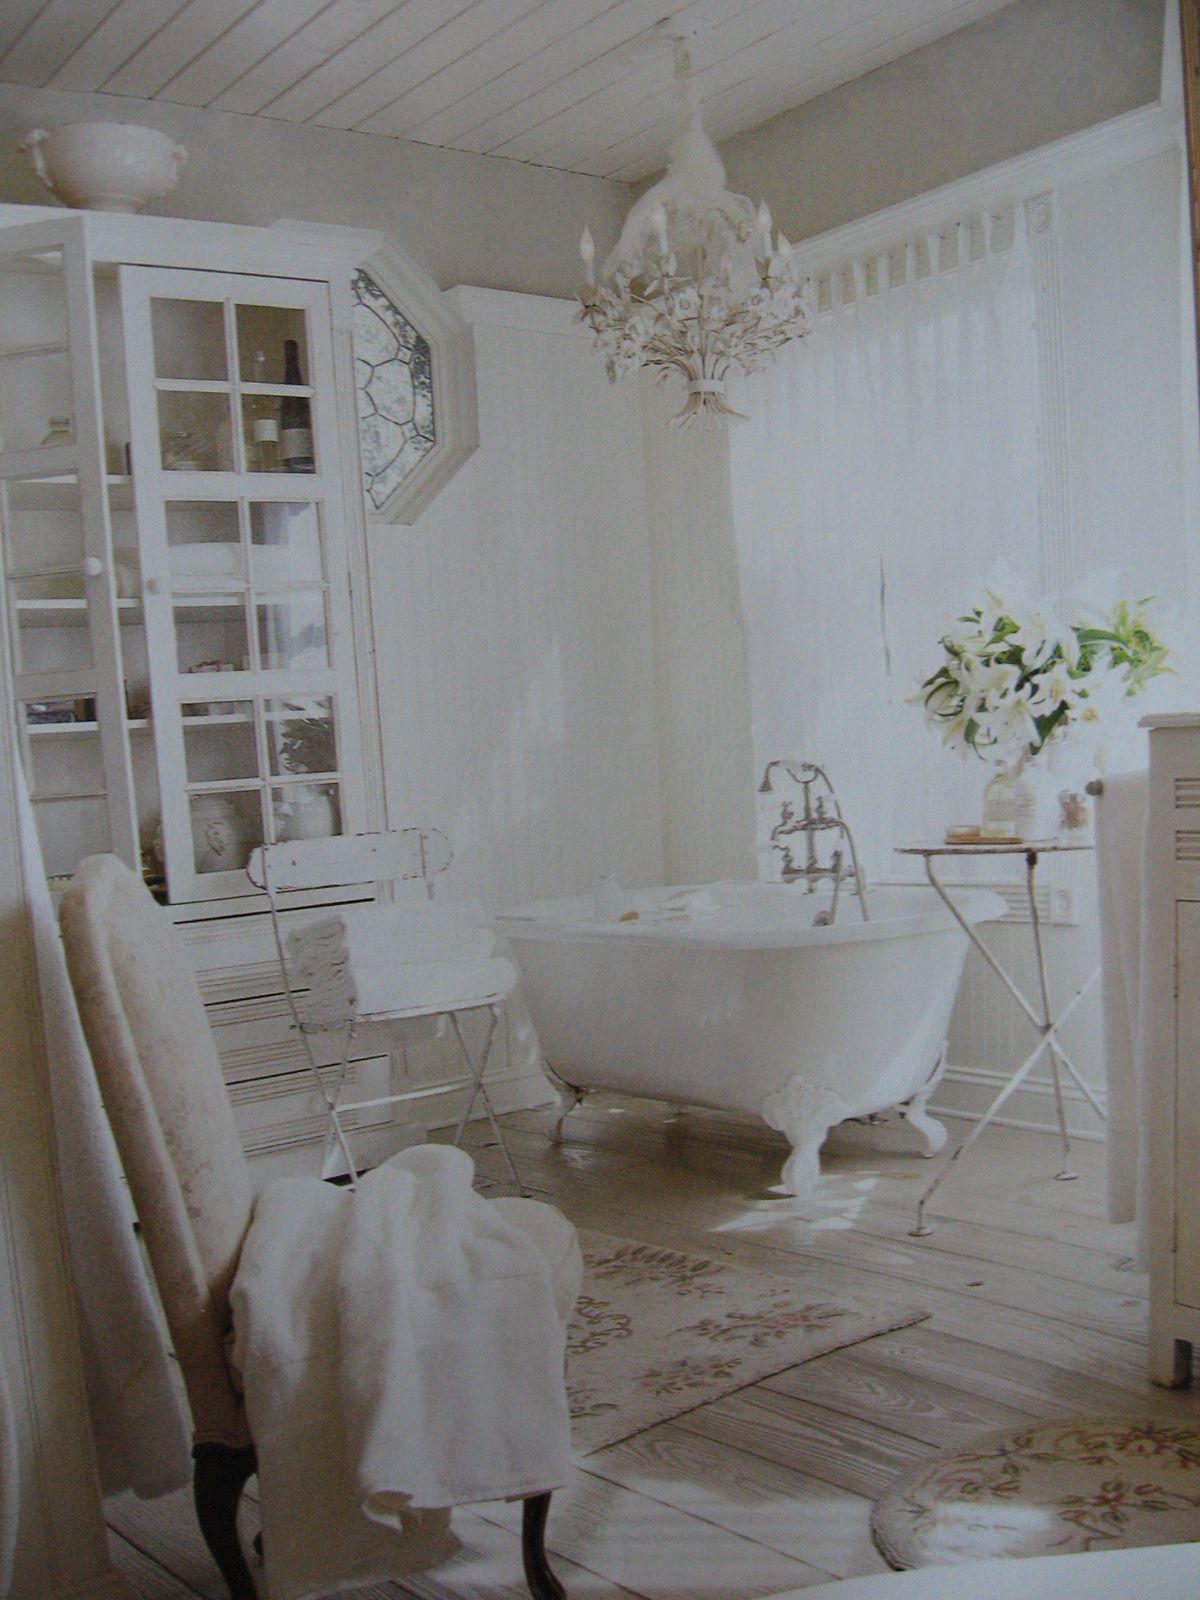 Pin by Esther van Eijk-Meijer on bathroom inspirations | Pinterest ...